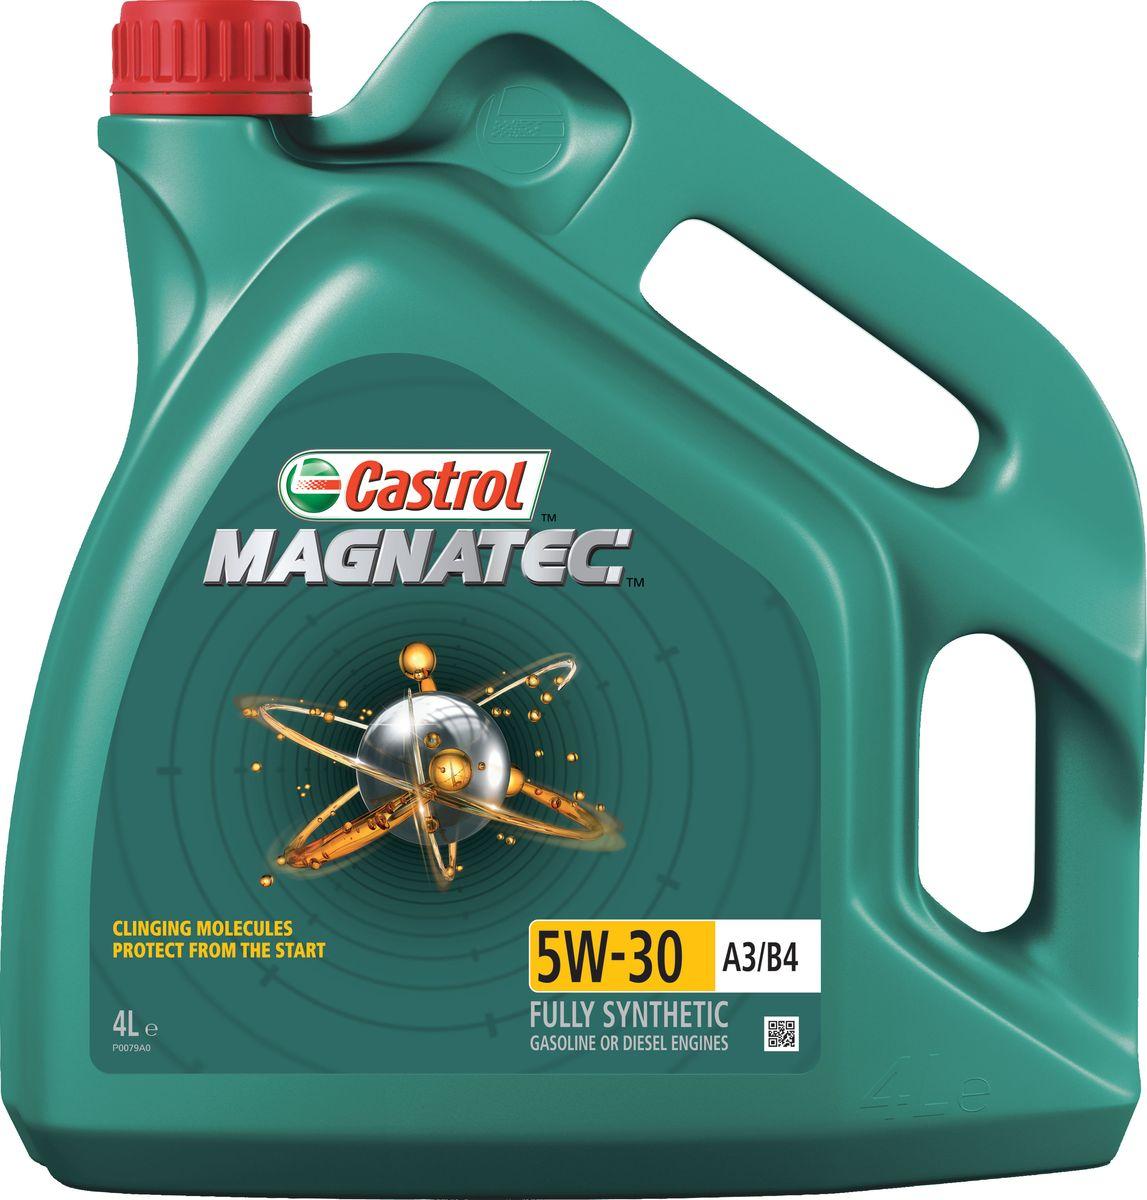 Масло моторное Castrol Magnatec, синтетическое, класс вязкости 5W-30, A3/B4, 4 л156ED5До 75% износа двигателя происходит во время его пуска и прогрева.Когда двигатель выключен, обычное масло стекает в поддон картера, оставляя важнейшие детали двигателя незащищенными. Молекулы Castrol Magnatec подобно магниту притягиваются к деталям двигателя и образуют сверхпрочную масляную пленку, обеспечивающую дополнительную защиту двигателя в период пуска, когда риск возникновения износа существенно возрастает.Моторное масло Castrol Magnatec подходит для применения в бензиновых двигателях, в которых производитель рекомендует использовать смазочные материалы,соответствующие классу вязкости SAE 5W-30 и спецификациям API SL/CF, ACEA A3/B3 или A3/B4. Castrol Magnatec одобрено к использованию большинством автопроизводителей.Молекулы Castrol Magnatec:- в сочетании с синтетической технологией обеспечивают повышенную защиту при высоко- и низкотемпературных режимах работы двигателя;- обеспечивают постоянную защиту в любых условиях эксплуатации, при различных стилях вождения и в широком диапазоне температур.Castrol Magnatec проявляет отличные эксплуатационные характеристики вэкстремальных условиях холодного пуска по сравнению с более высокими классами вязкости. Castrol Magnatec специально разработано и протестировано с учетом особенностей российских условий эксплуатации. Обеспечивает комплексную защиту двигателя даже при самых тяжелых дорожных условиях: эксплуатация при низкой температуре, использование российского топлива и движение в городских пробках.Спецификации:ACEA A3/B3, A3/B4,API SL/CF,BMW Longlife-01,MB-Approval 229.3,Renault RN 0700 / RN 0710.Товар сертифицирован.